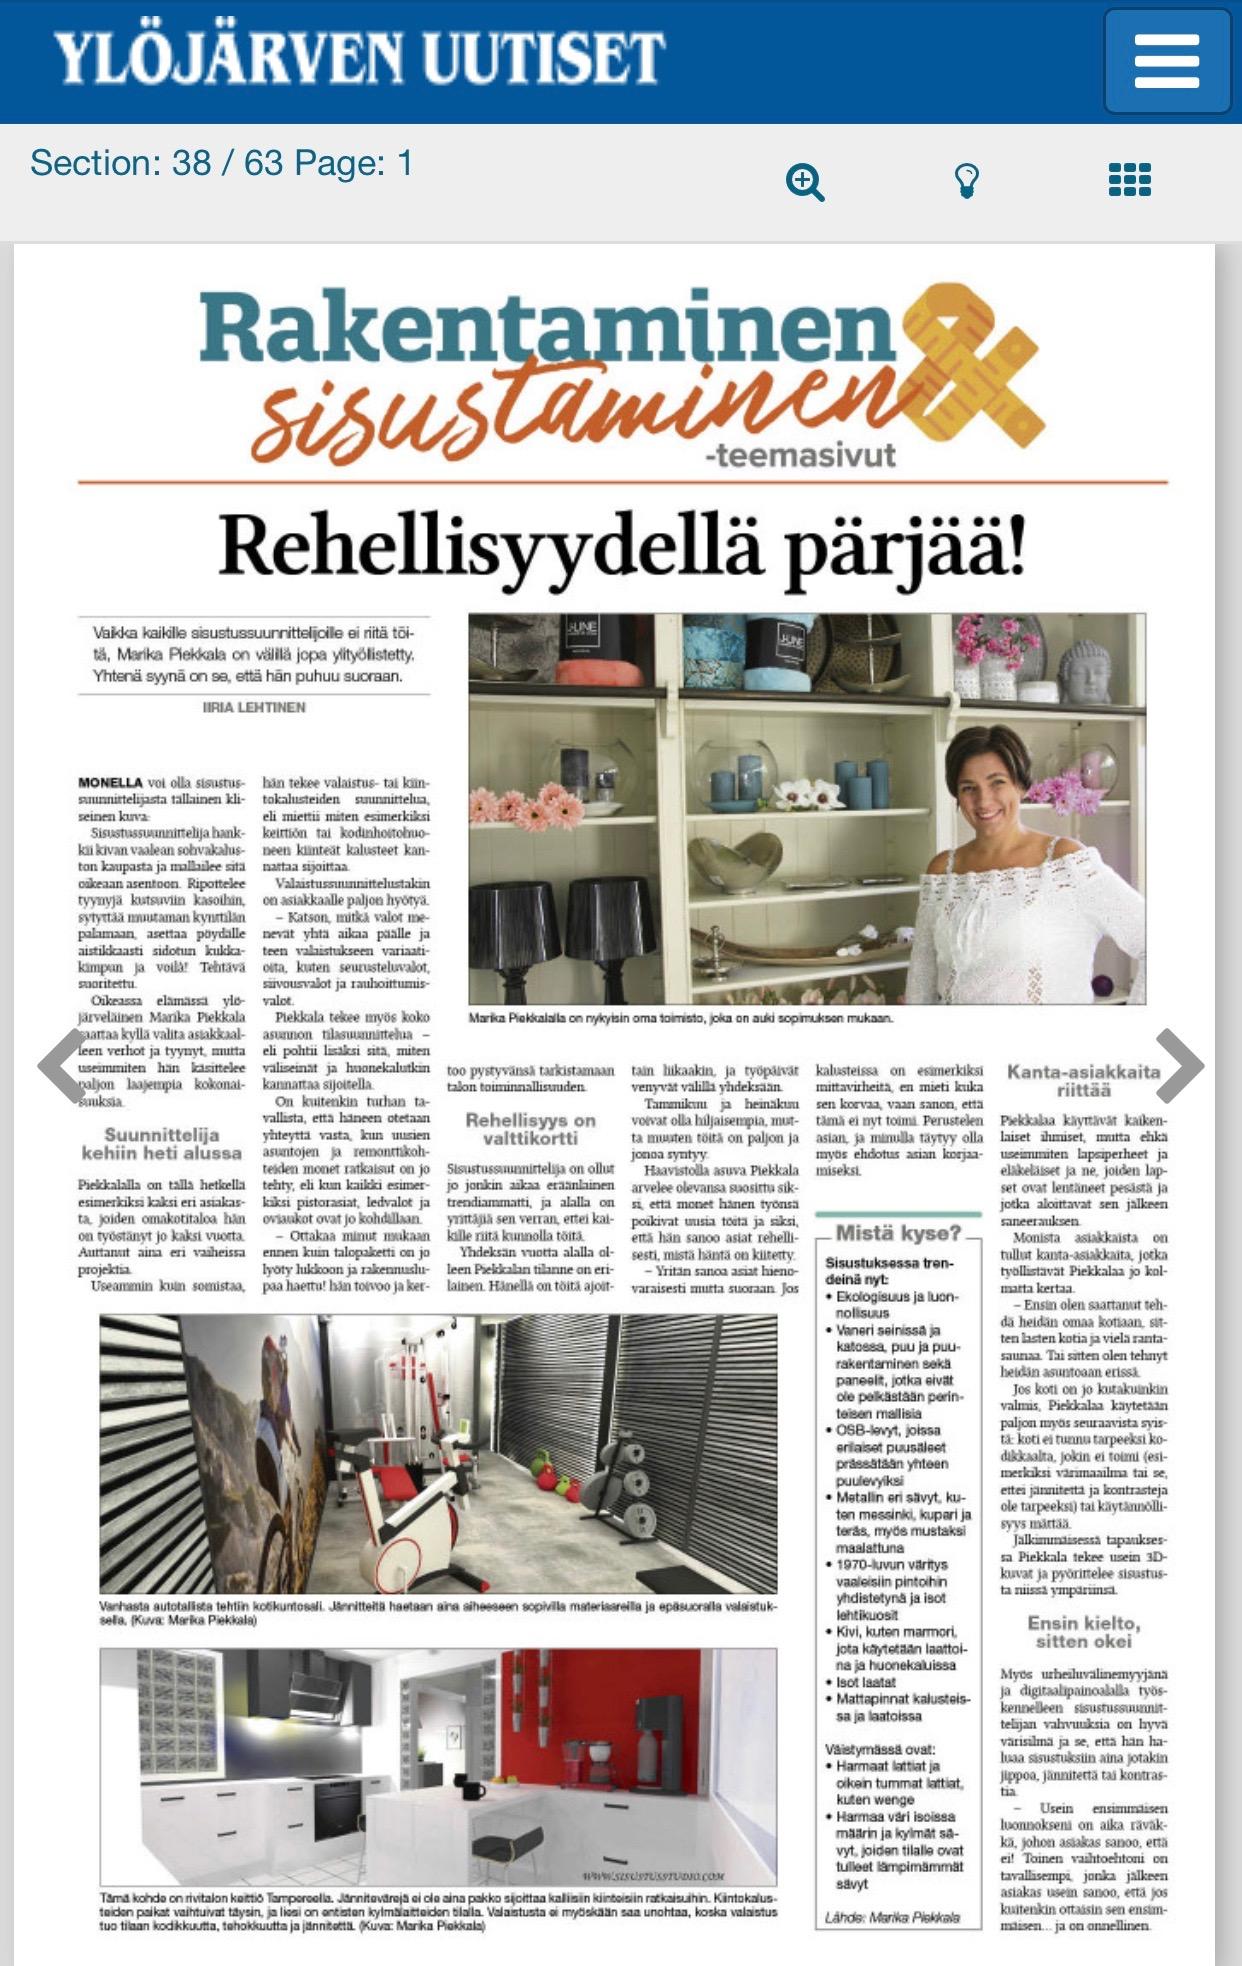 Ylöjärven Uutisten haastattelu, Rakentaminen & sisustaminen, julkaisu syyskuu 2018